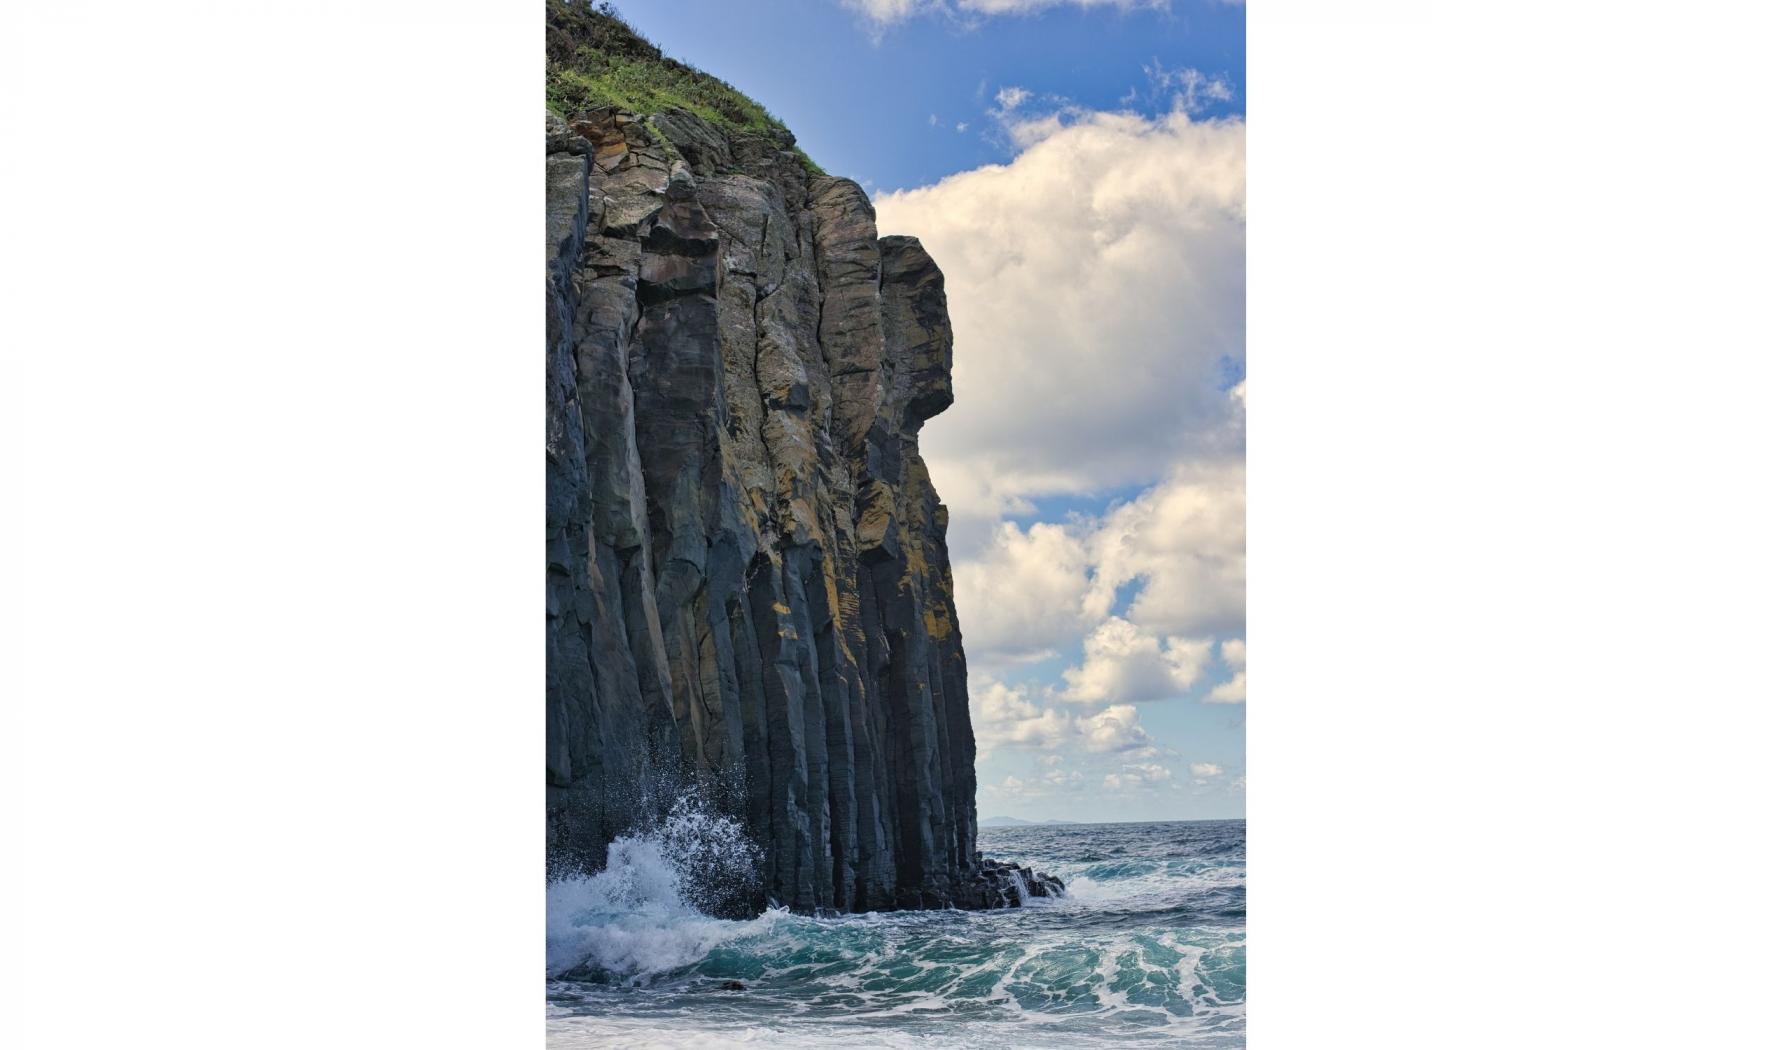 塩俵の断崖を手が届きそうな場所で見ることができるおすすめスポット-5